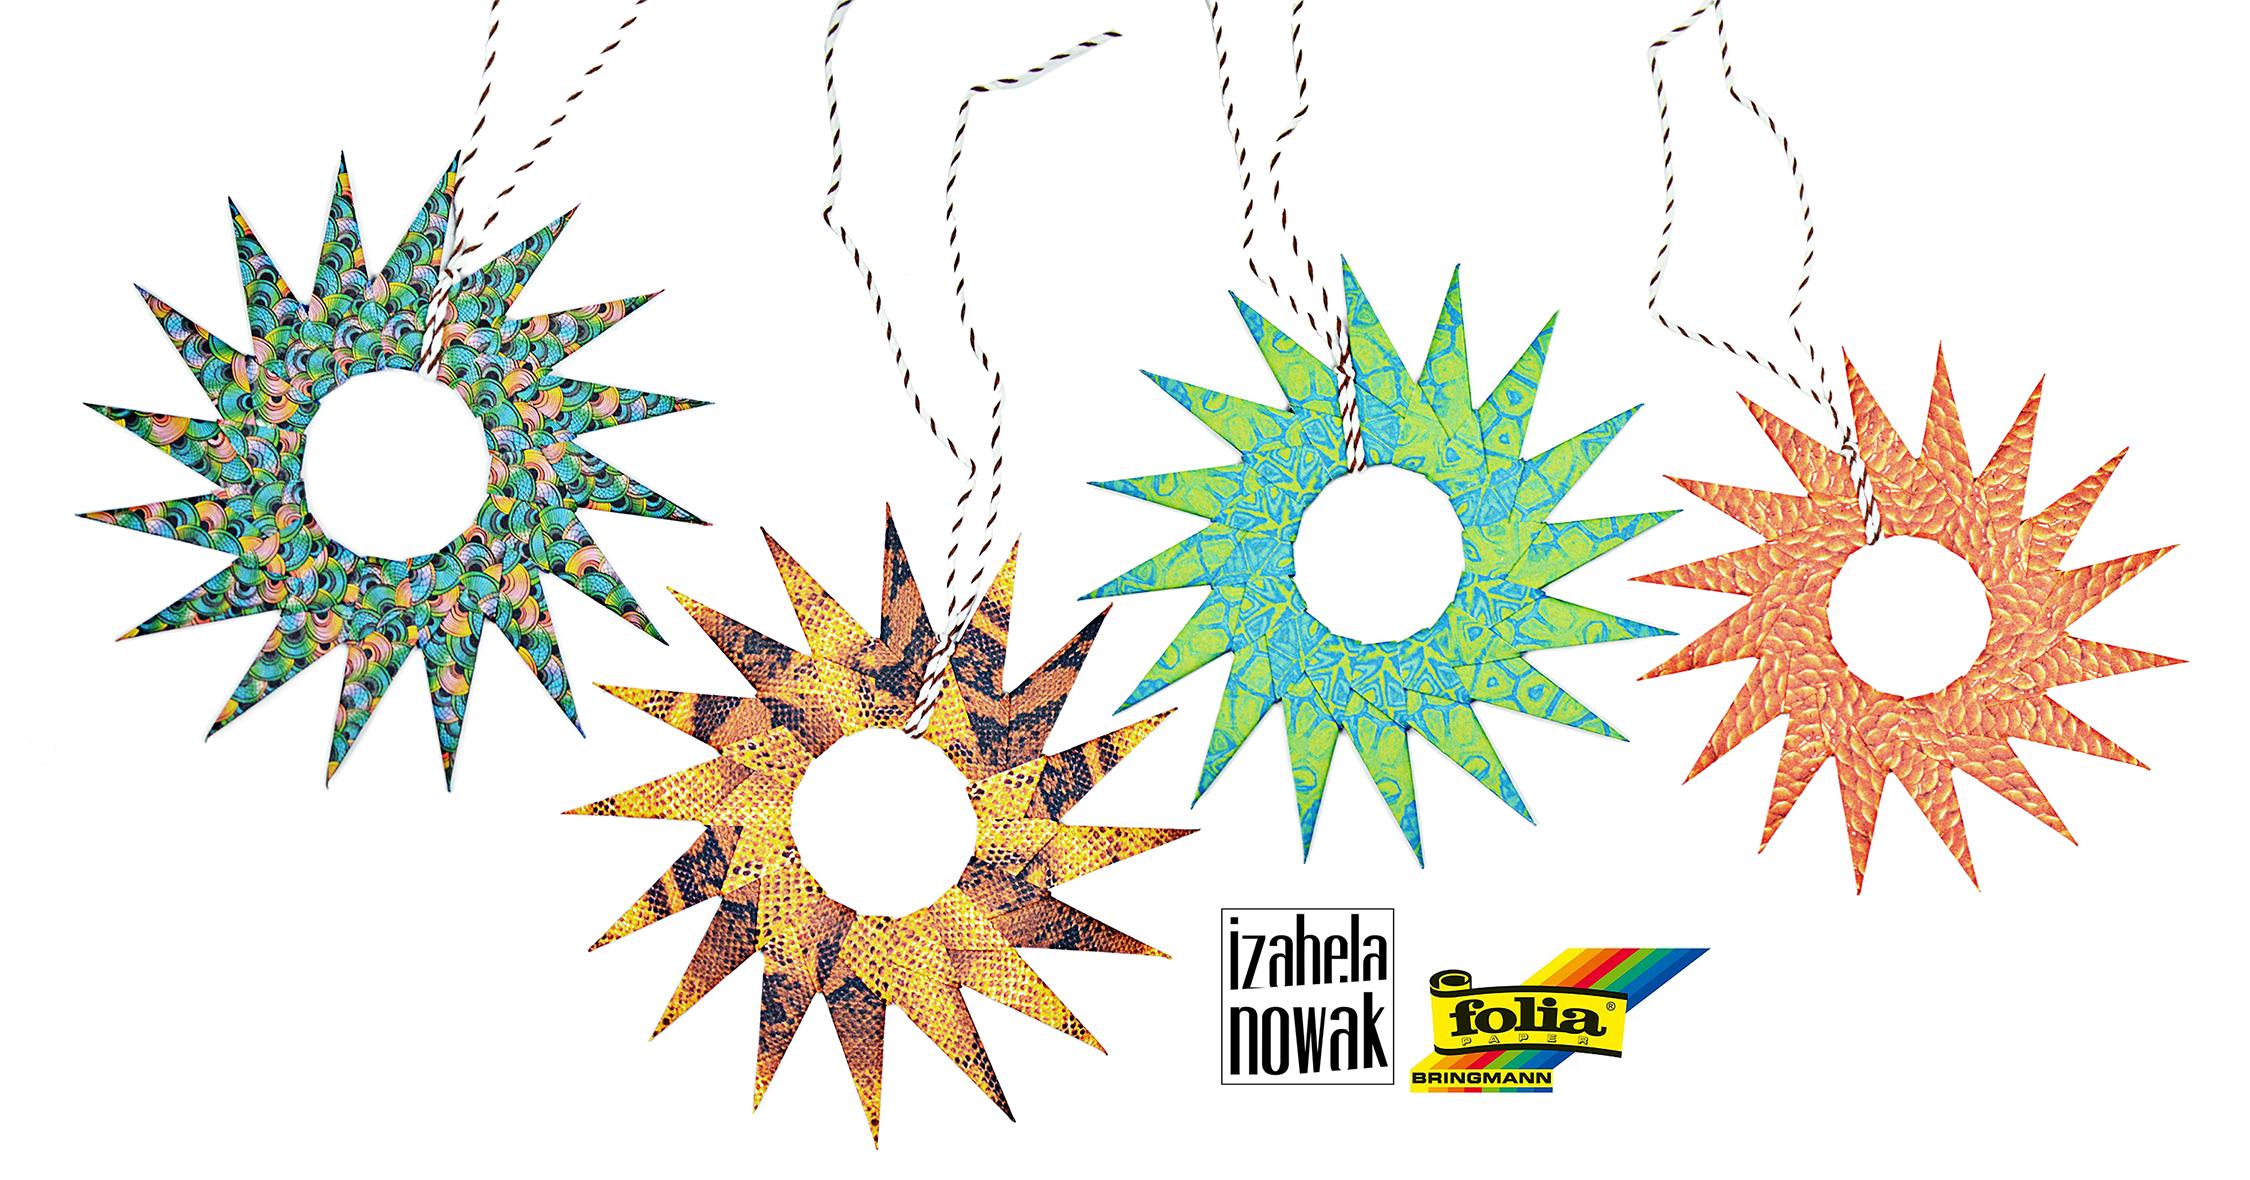 Hanging Origami Blumen_Izabela Nowak klein